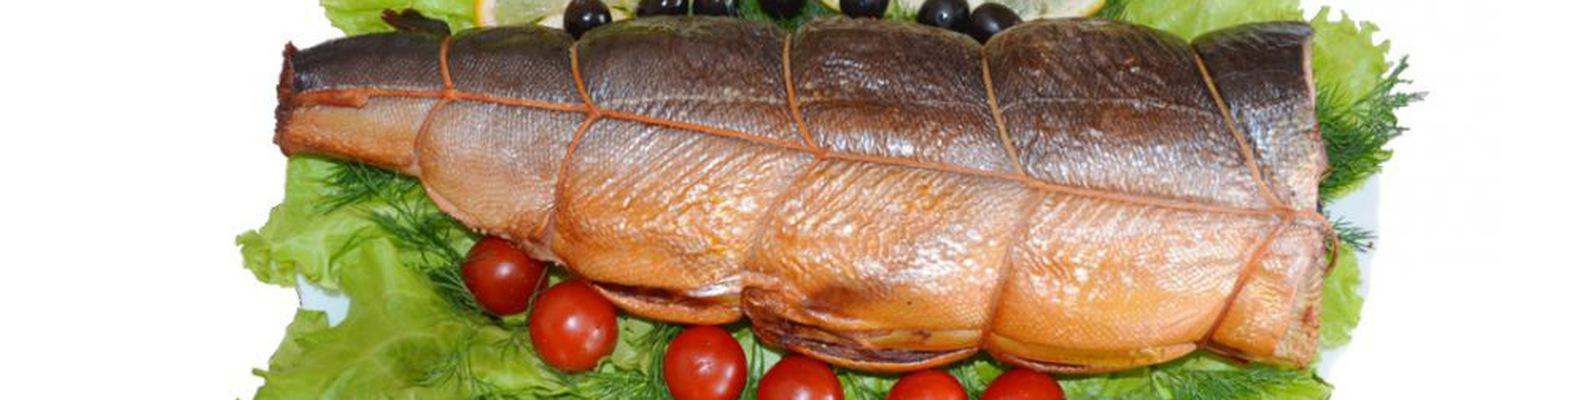 Рыба и морепродукты мелким оптом в спб